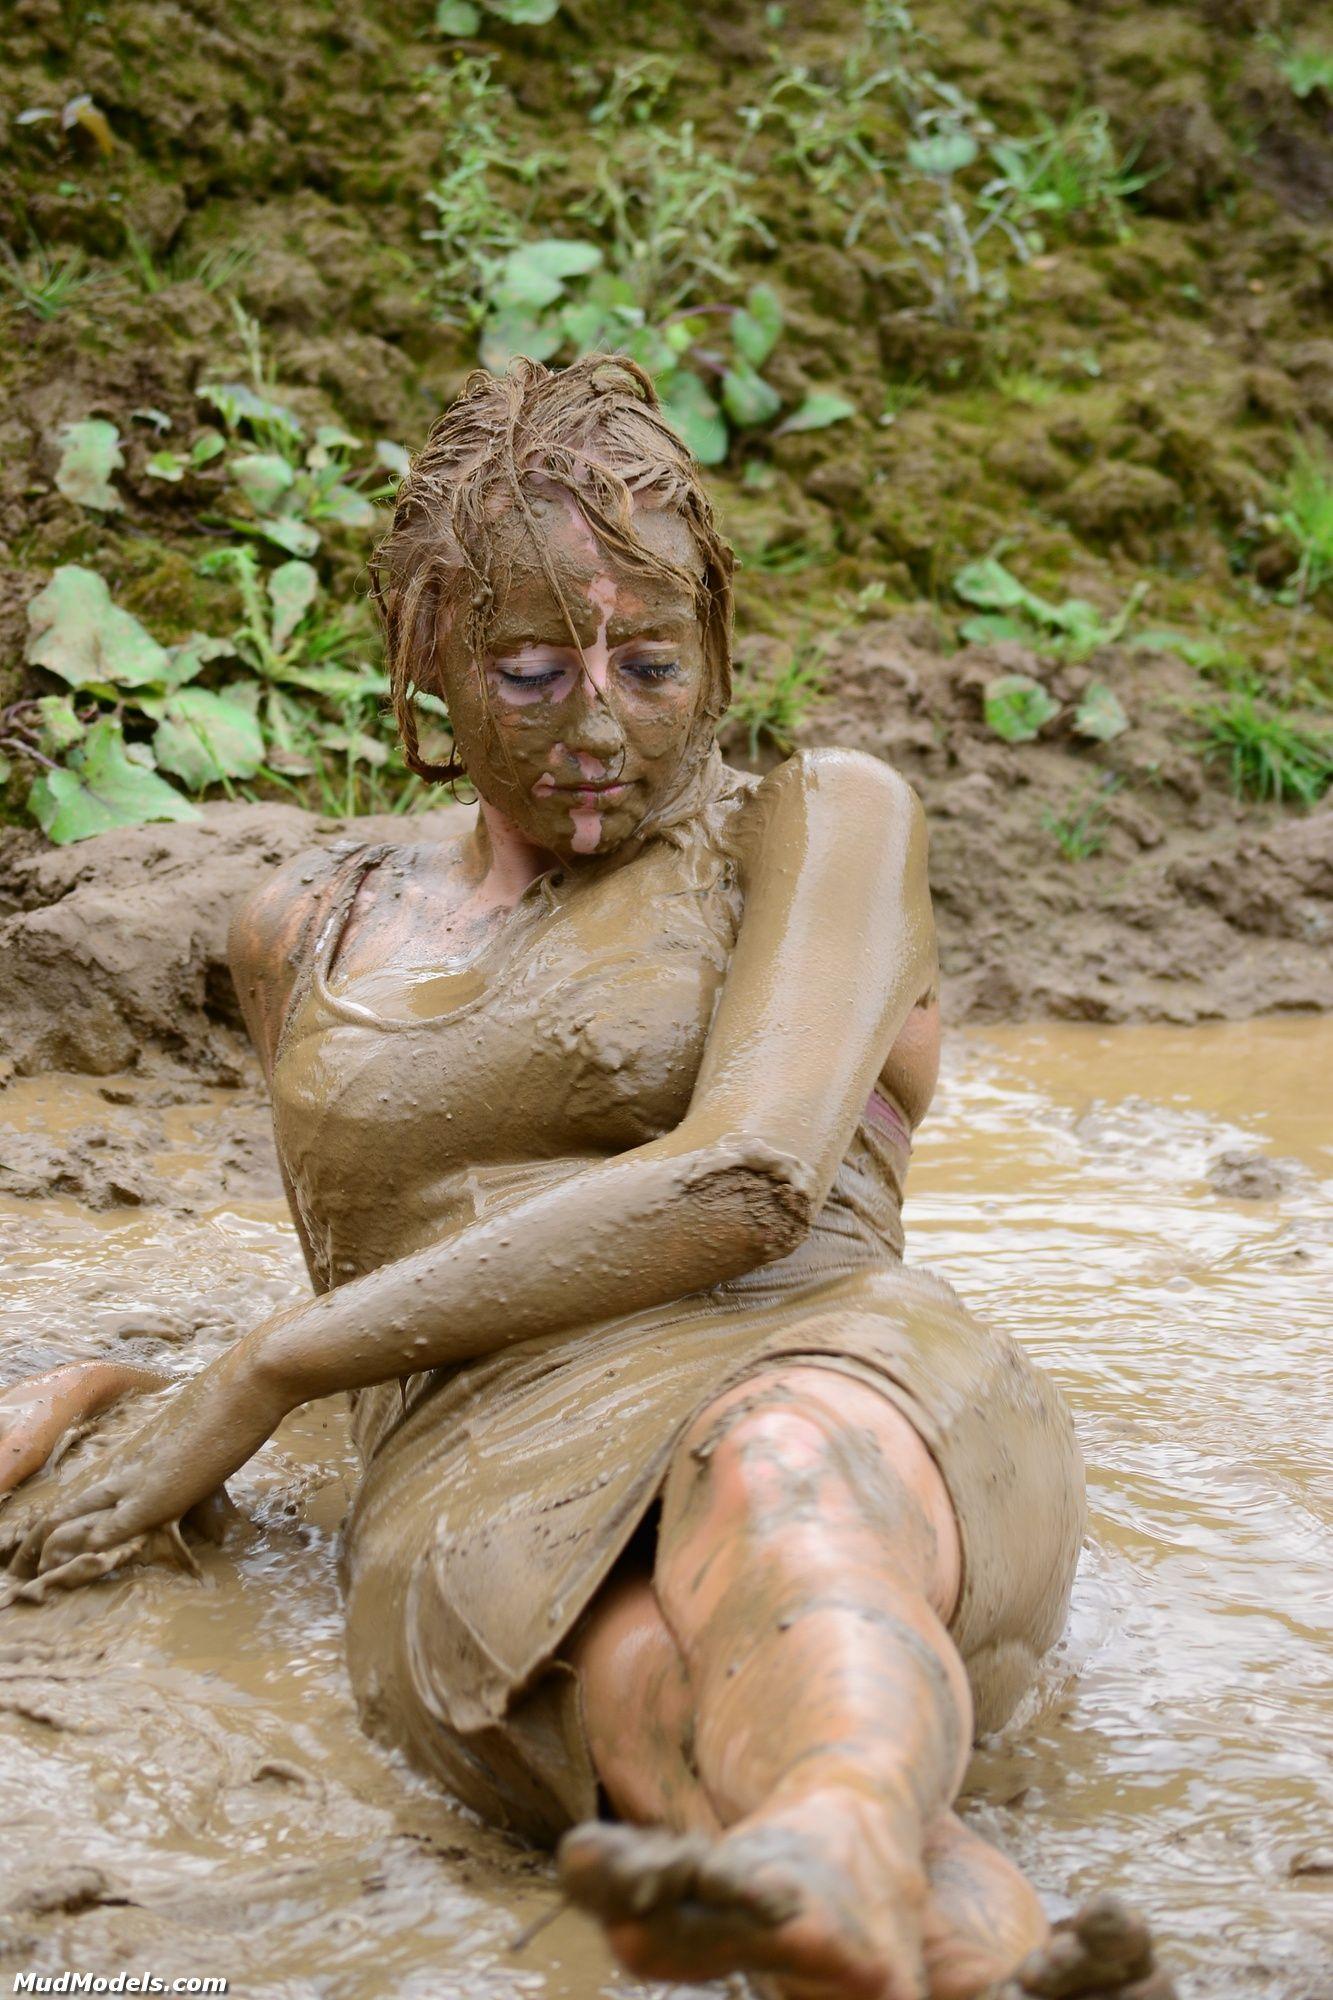 Man talking a nude mud bath